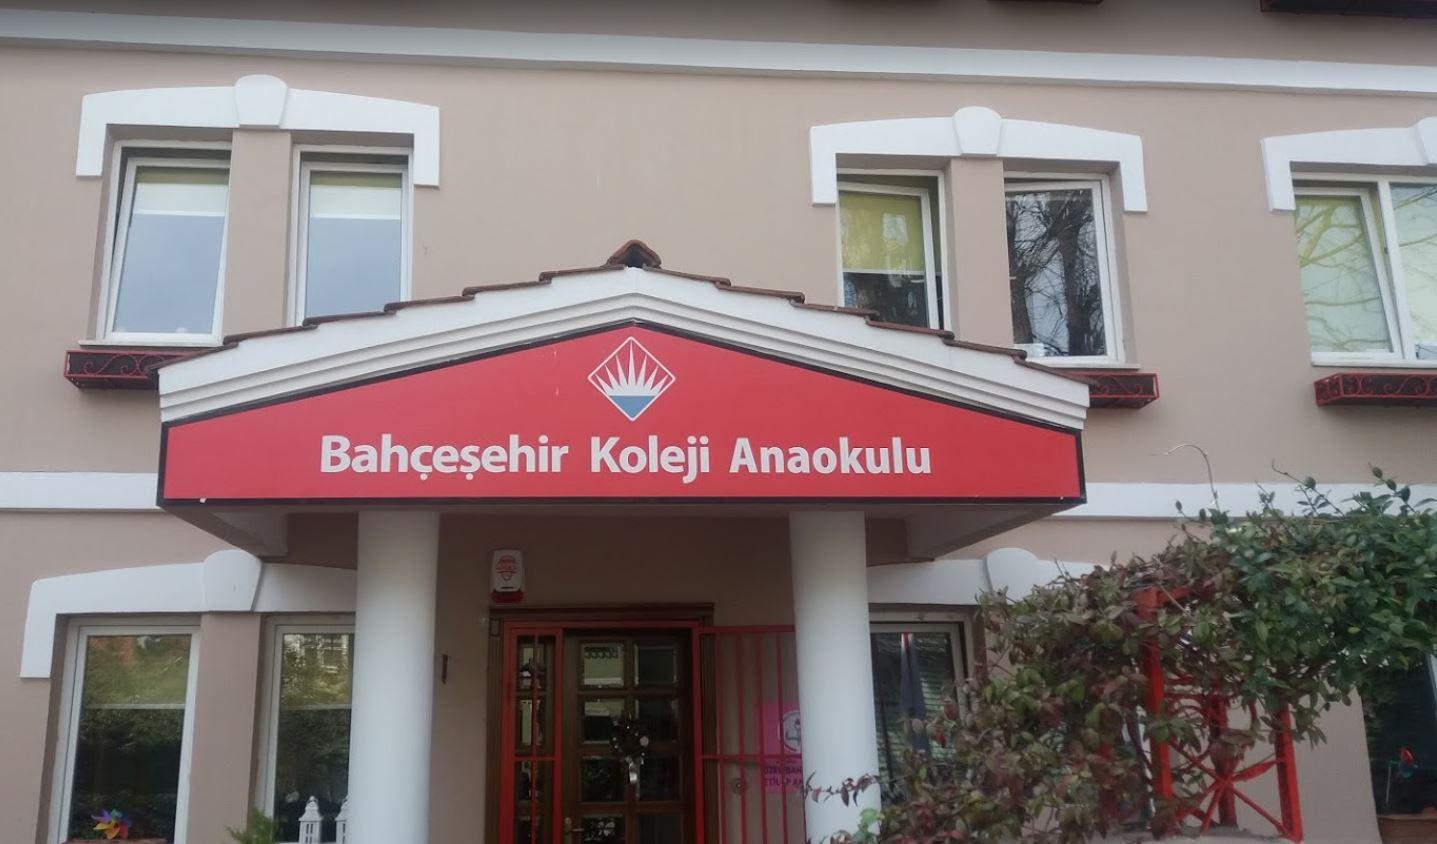 Bahçeşehir Koleji Etiler Levent Anaokulu